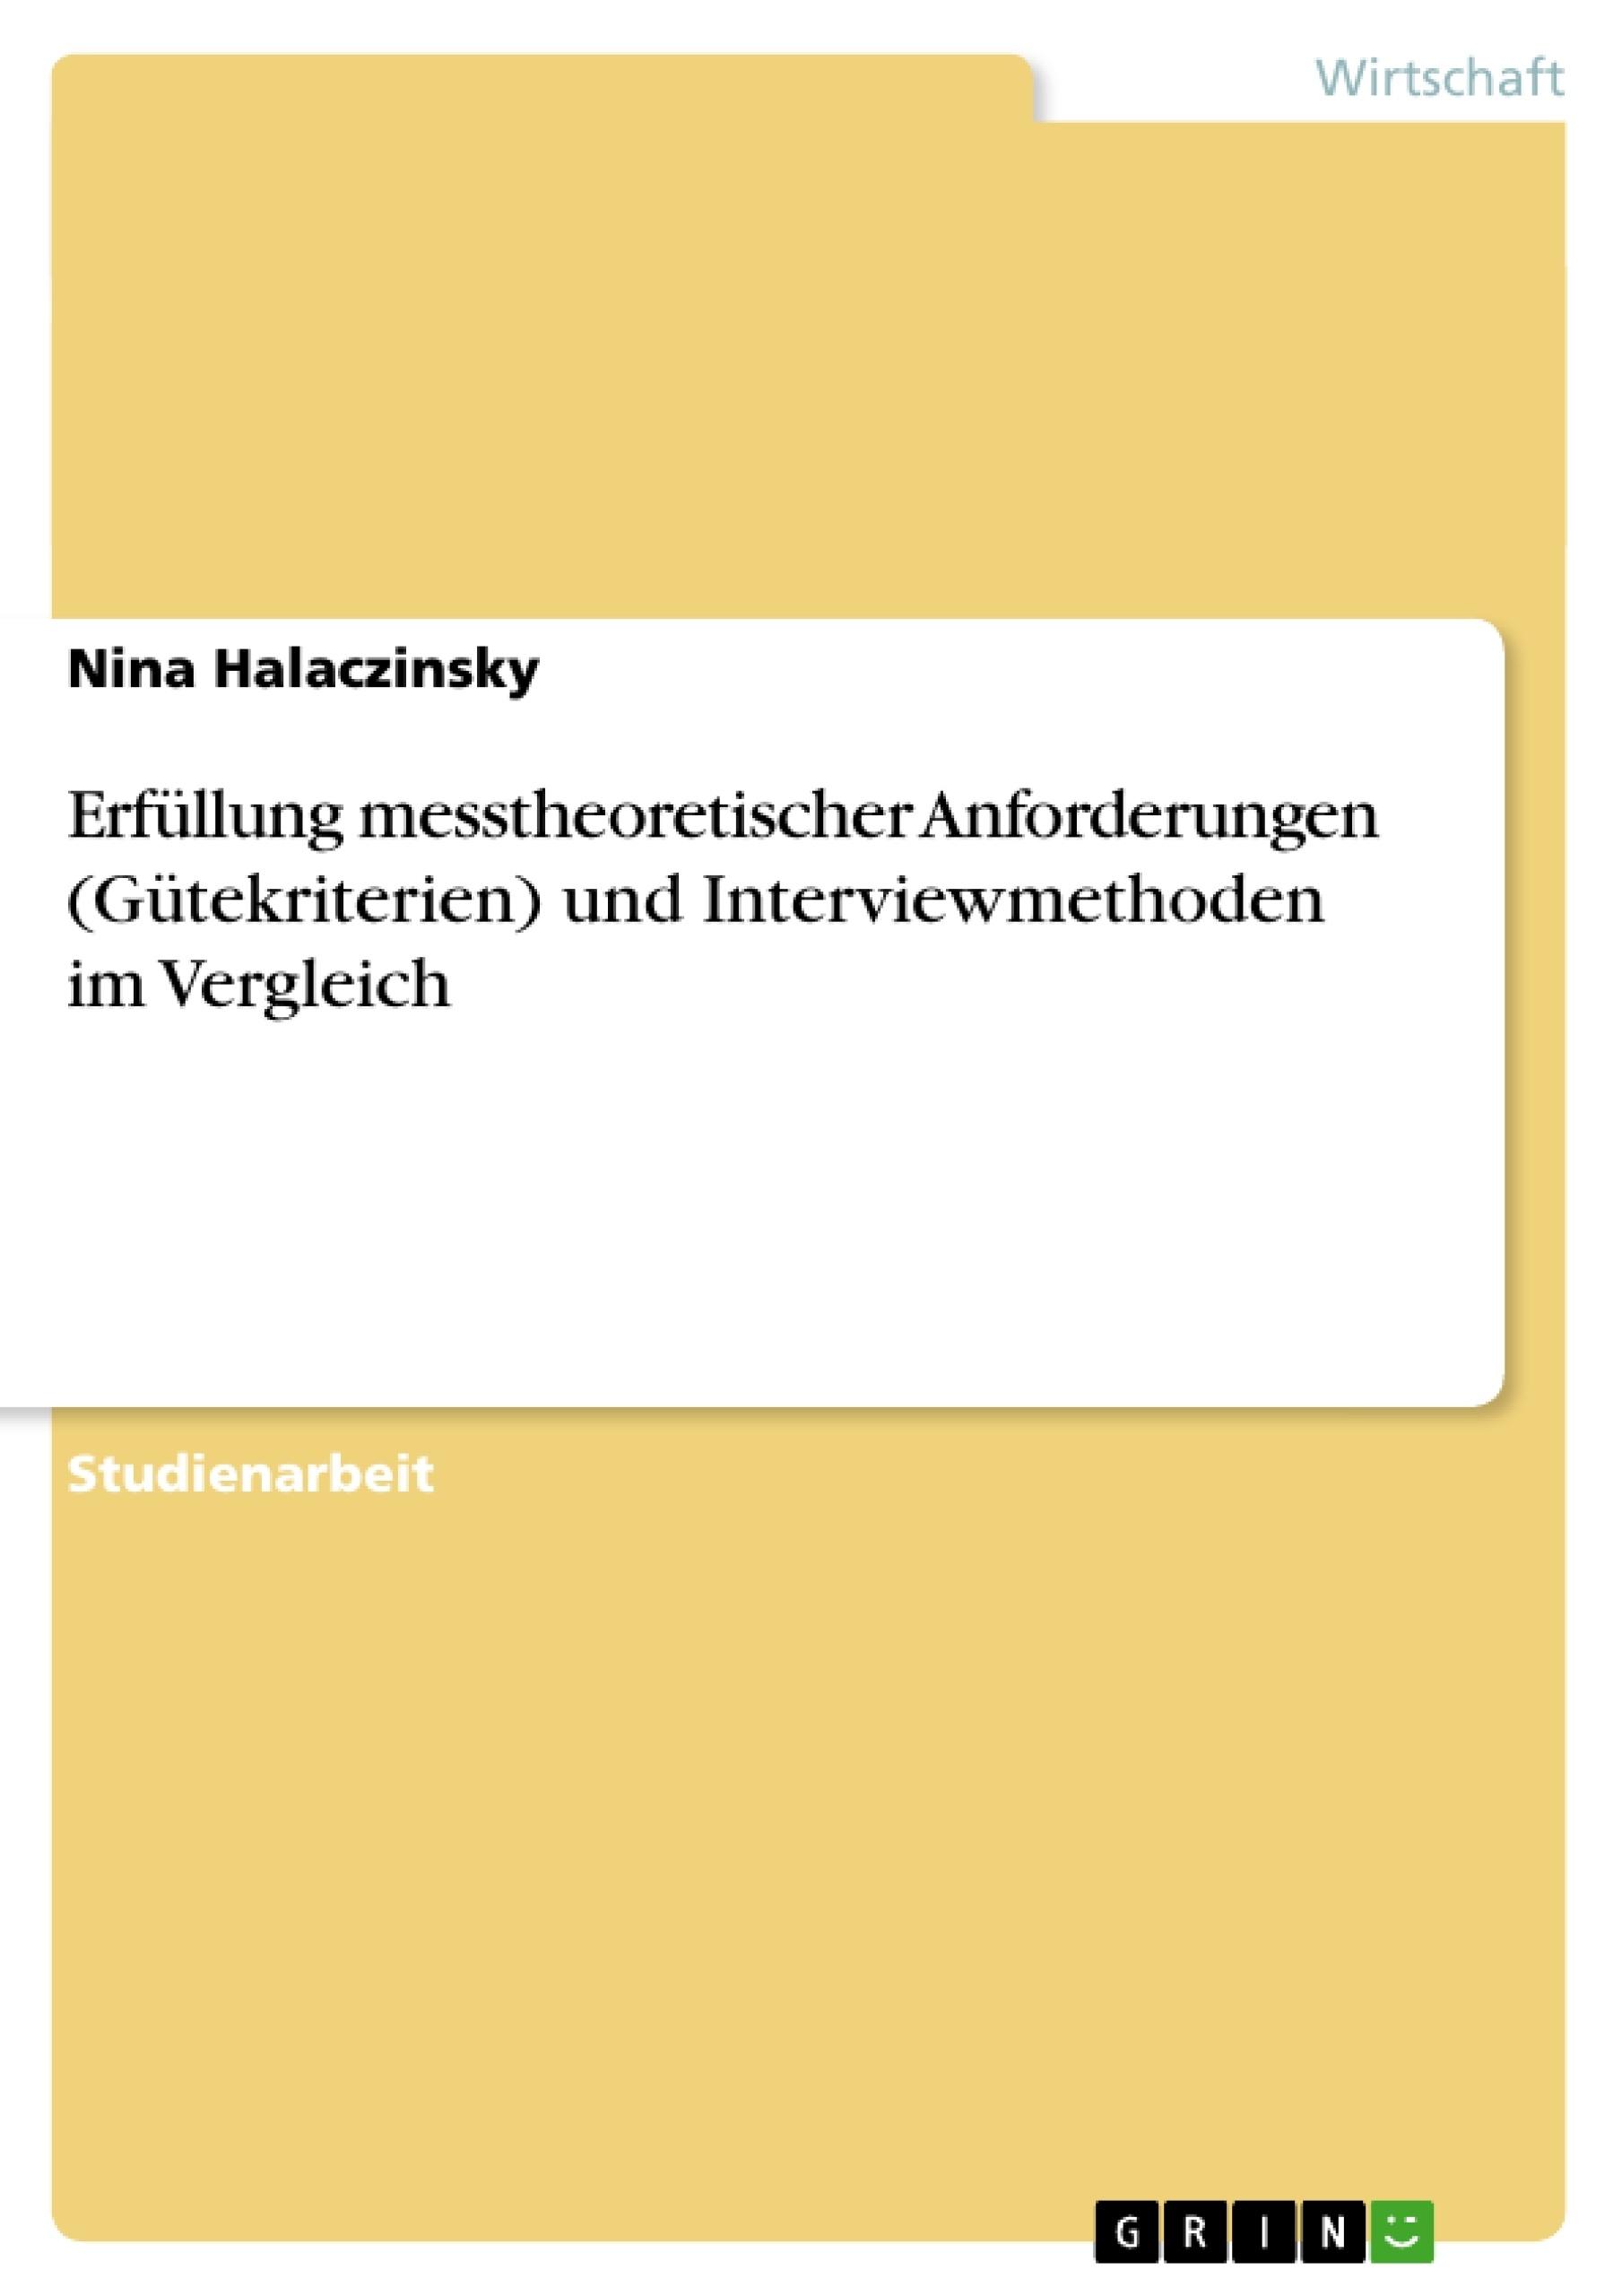 Titel: Erfüllung messtheoretischer Anforderungen (Gütekriterien) und Interviewmethoden im Vergleich